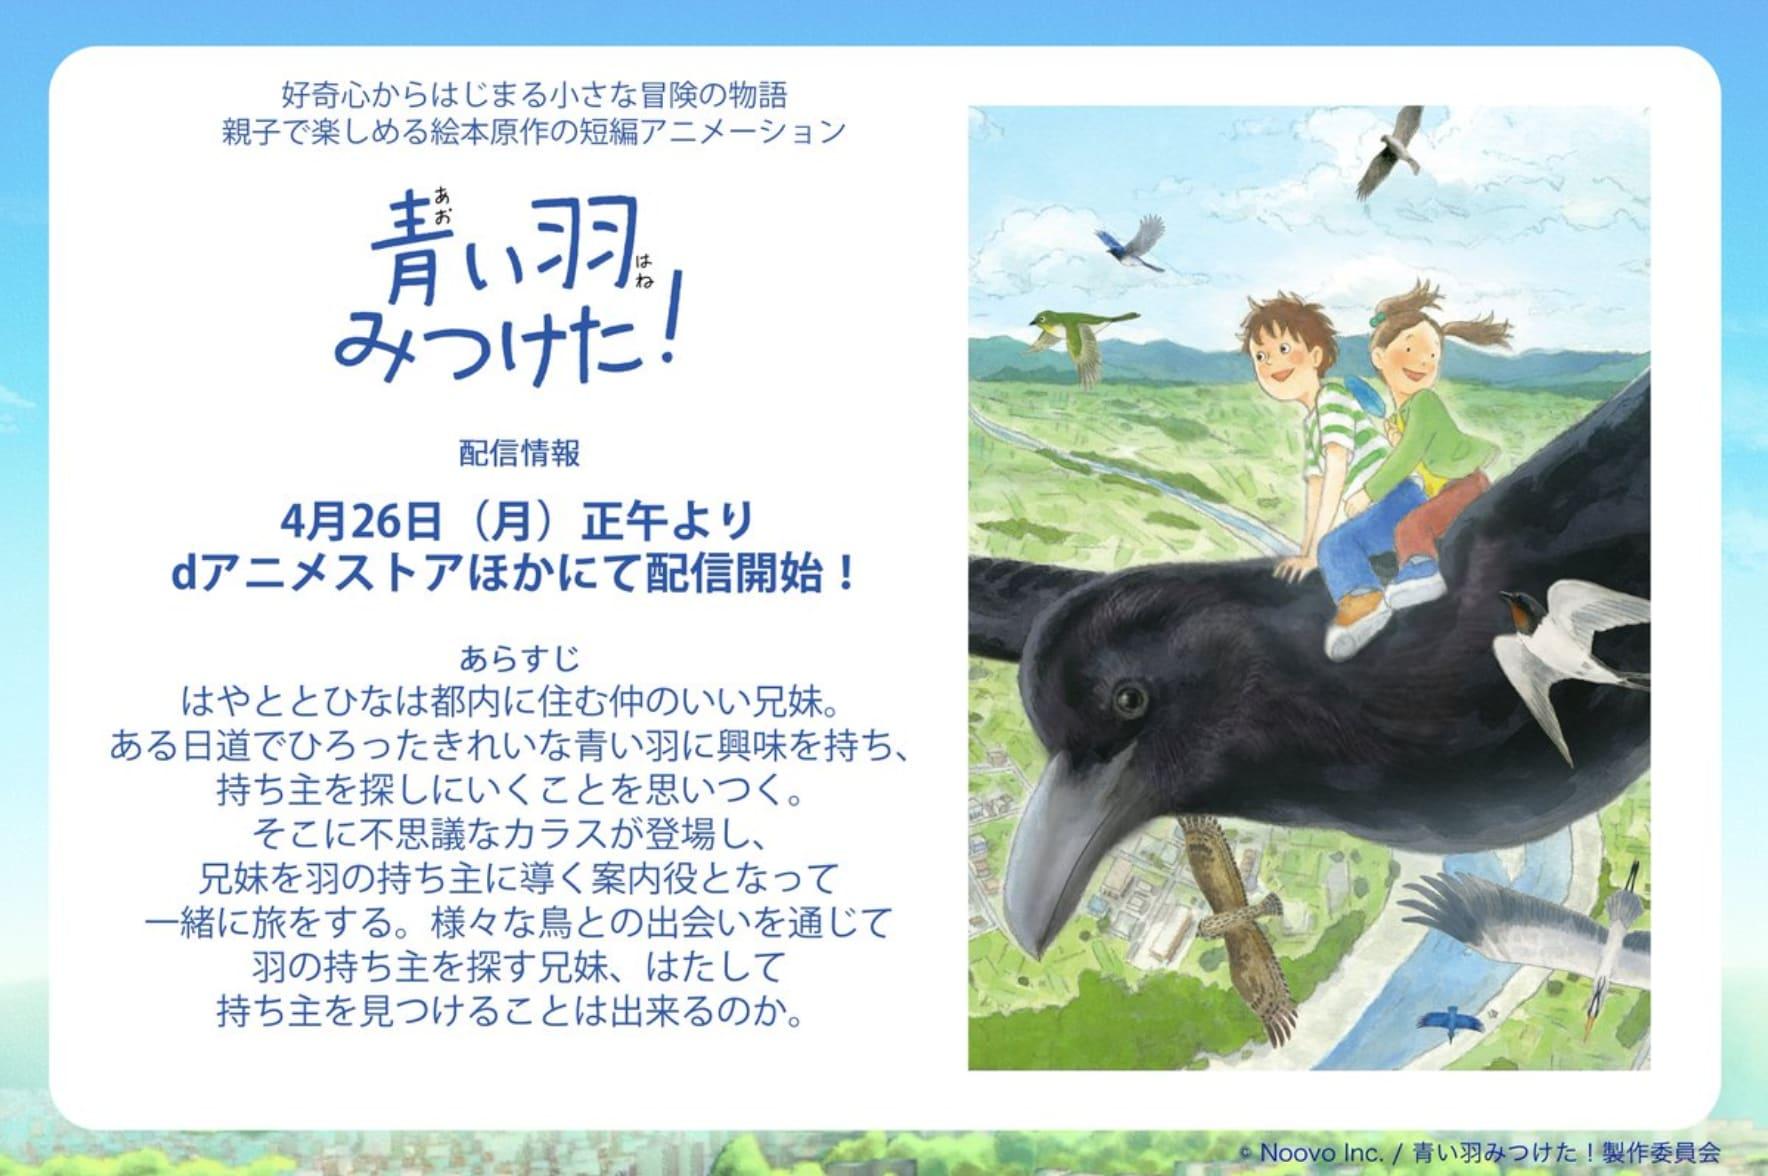 anime Aoi Hane Mitsuketa!